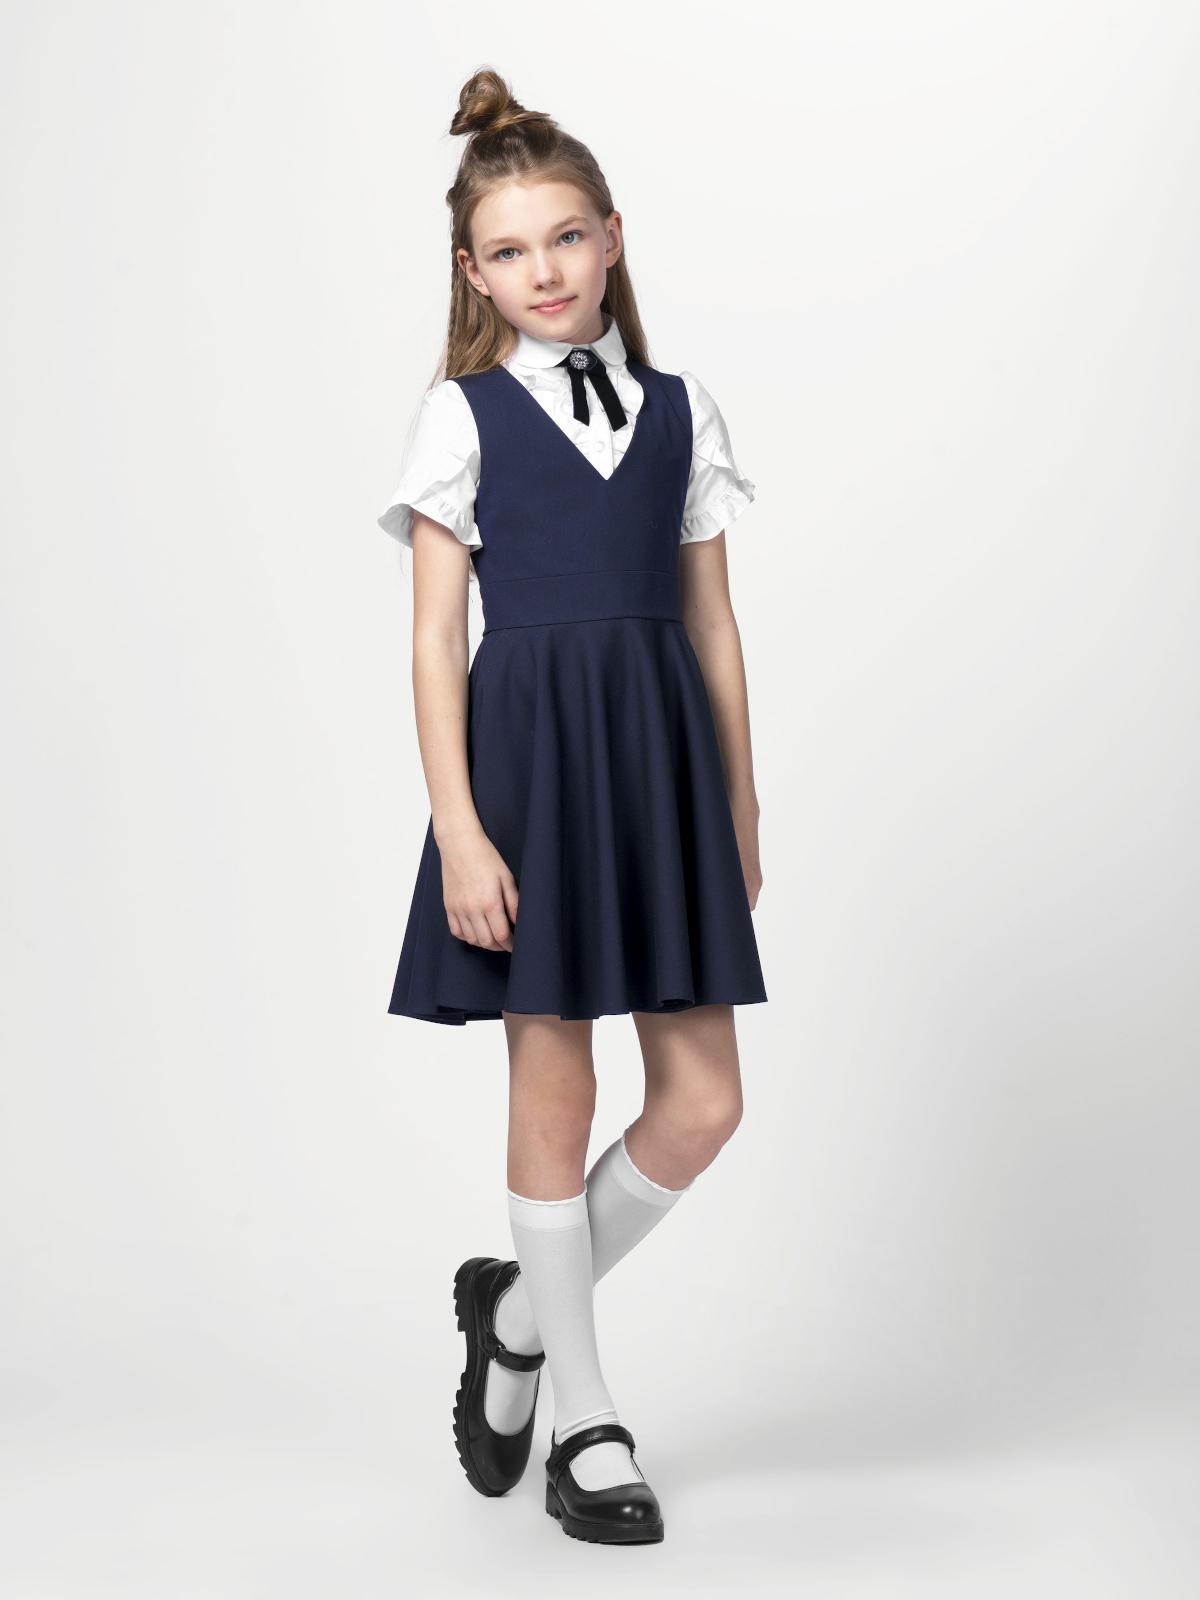 Купить 10652_plus size, Сарафан для девочек СМЕНА цв.темно-синий 10652 р.152/80, Смена, Сарафаны для девочек